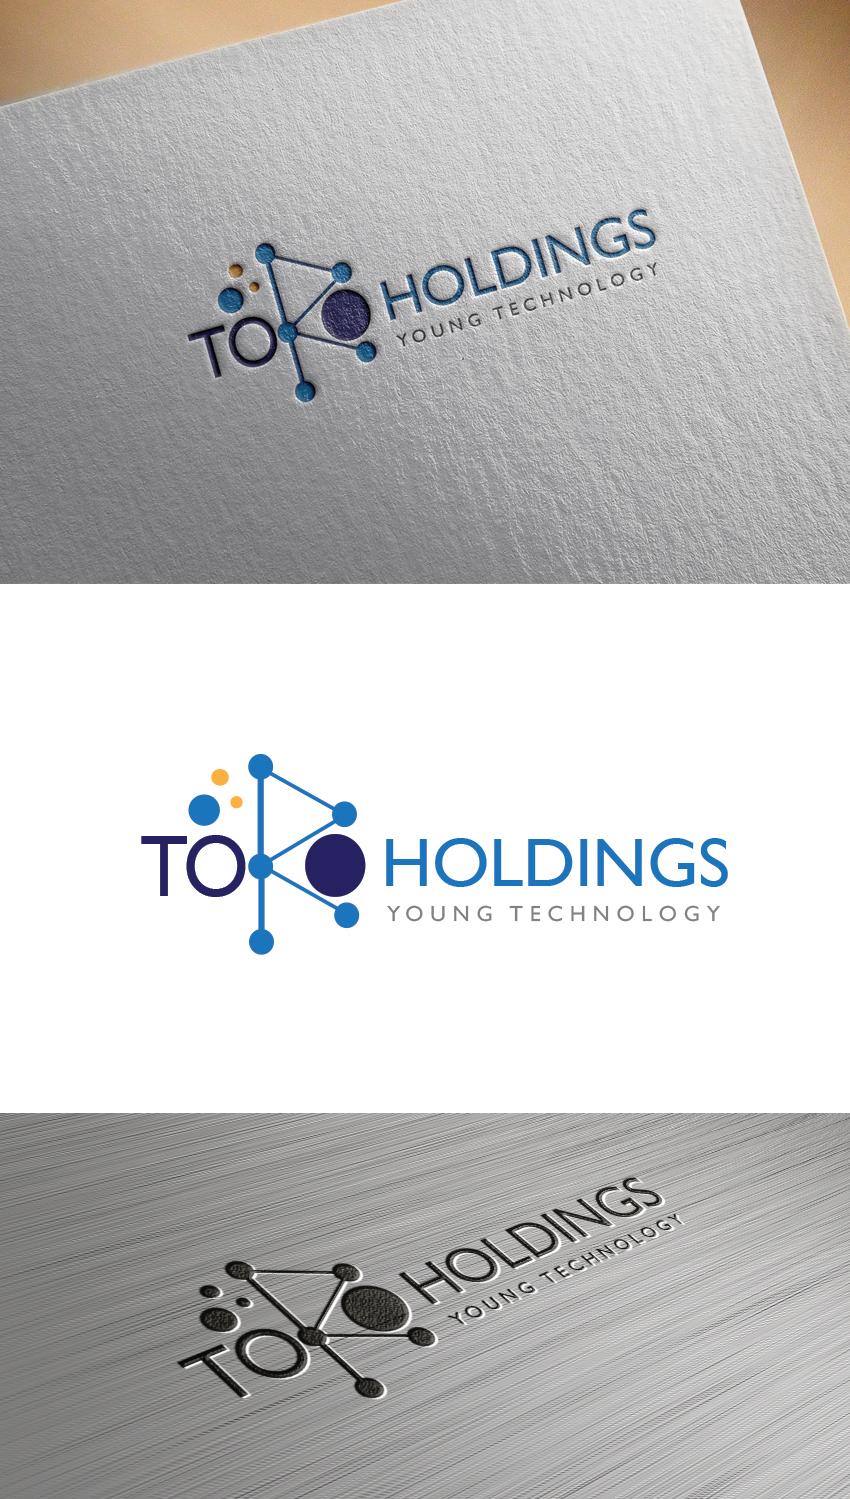 Modern feminine it company logo design for toro holdings by uk logo design by uk for gamesoft design 17621841 reheart Choice Image